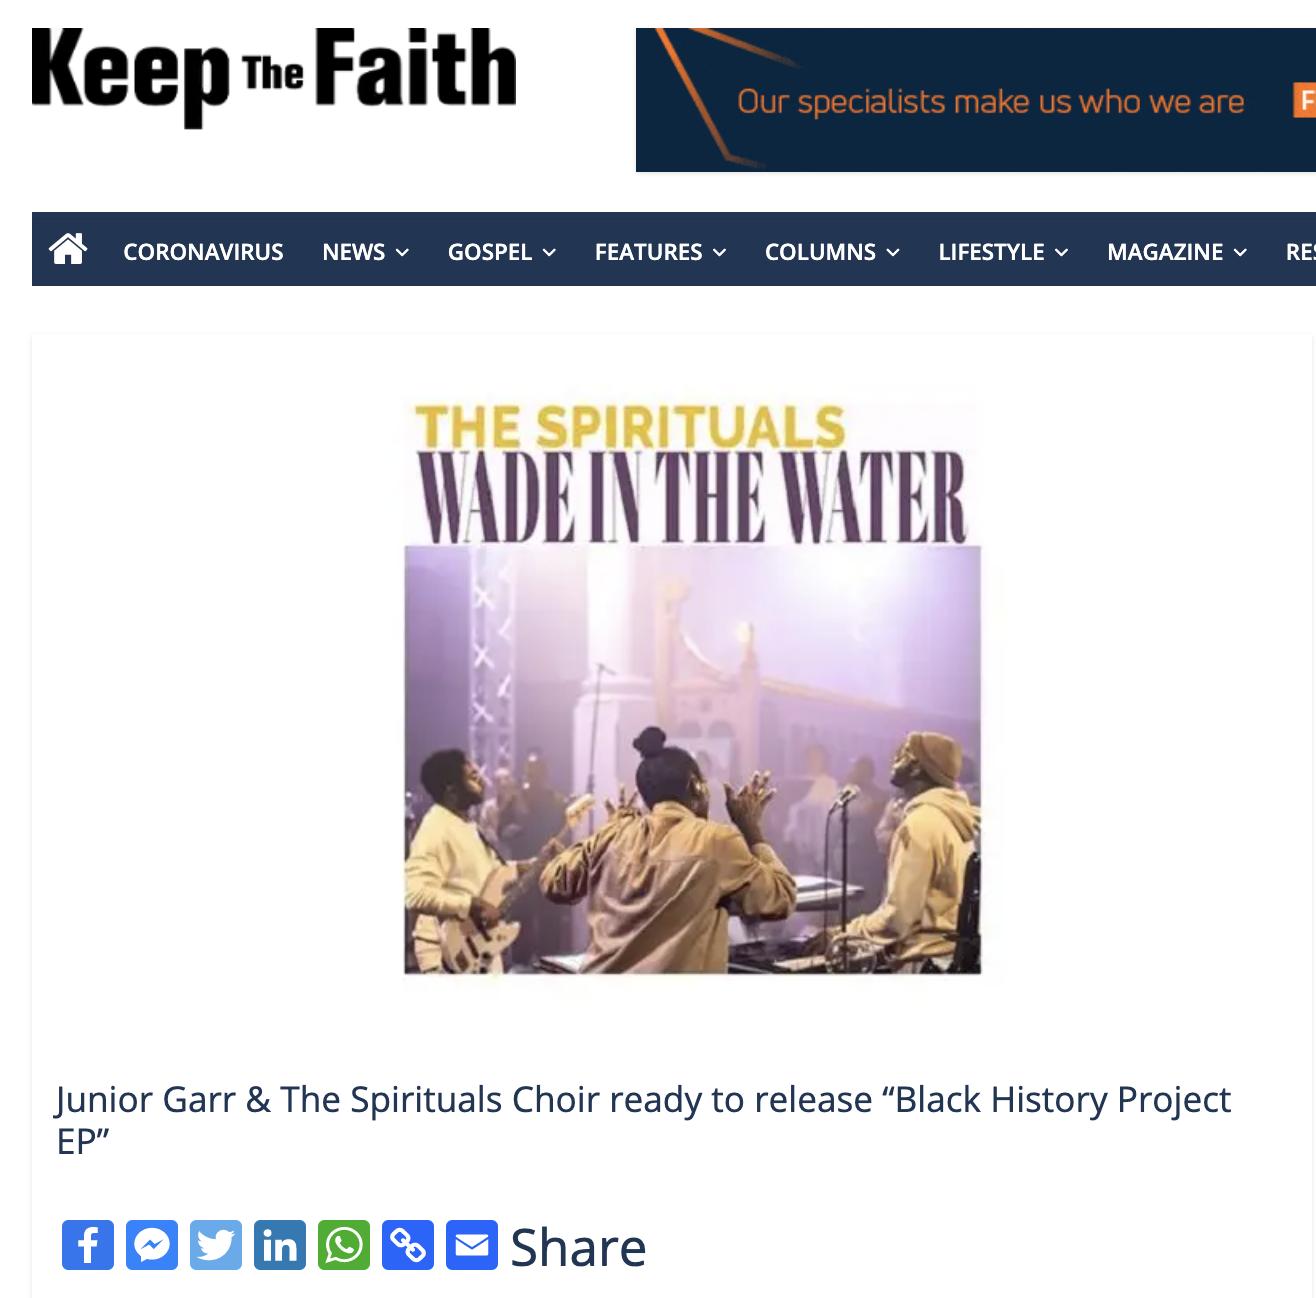 Keep the Faith - Wade in the Water - The Spirituals Choir